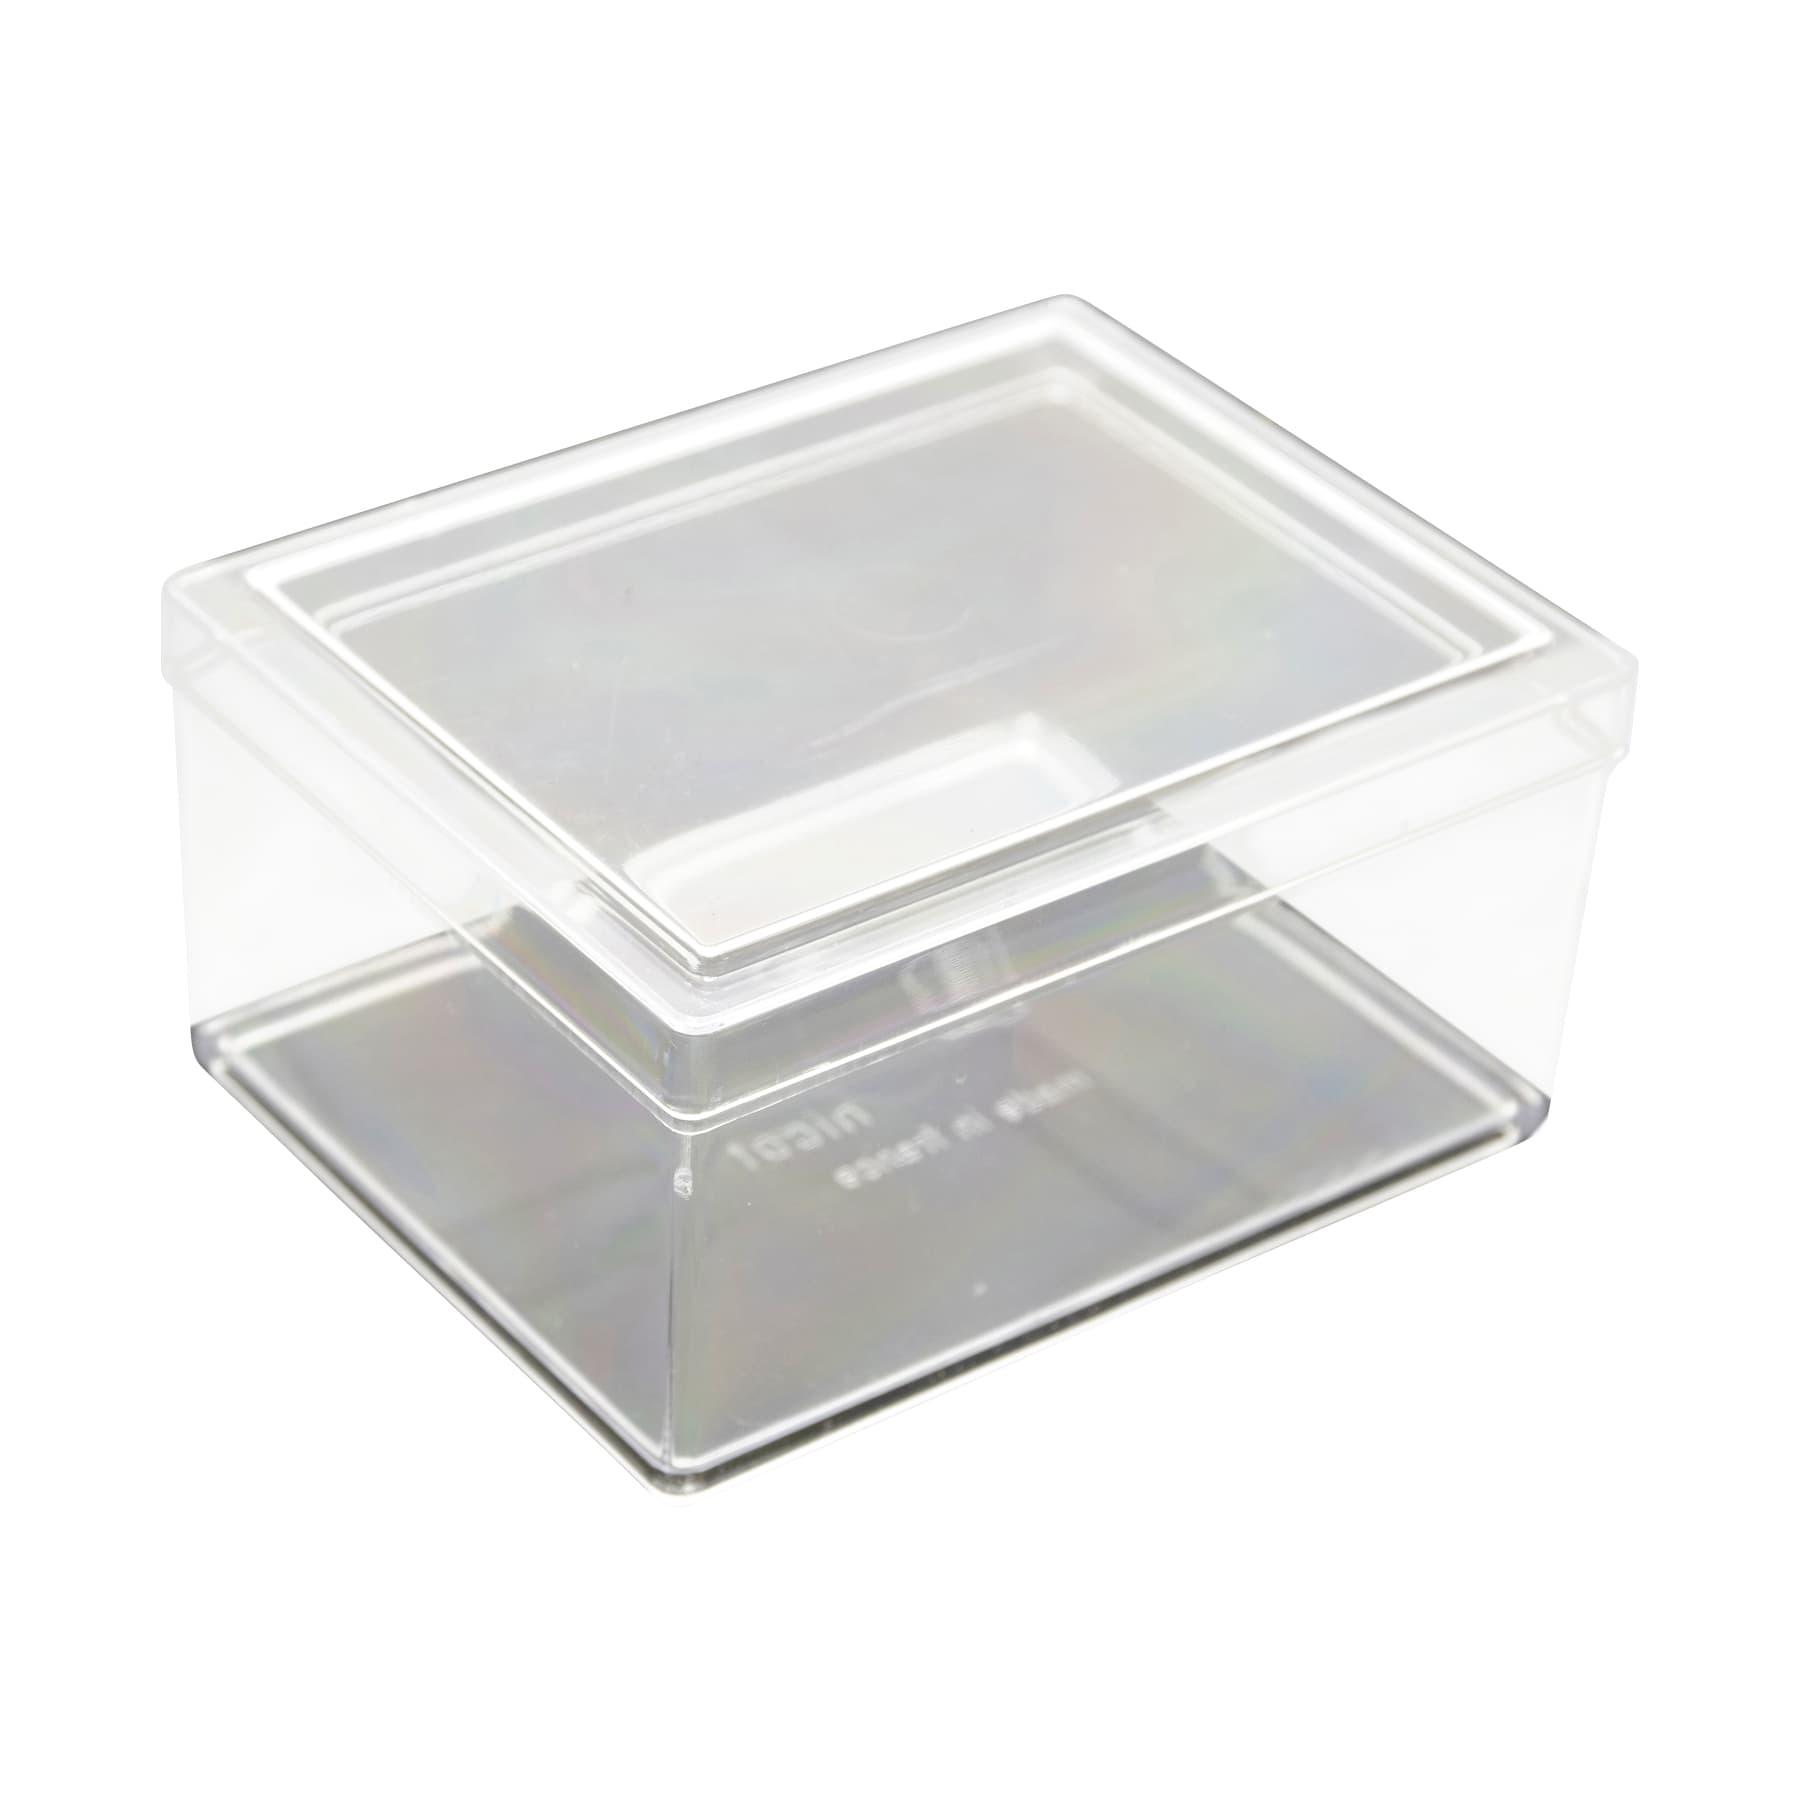 Wabenhonigkassette Nicot für Rähmchen 64 mm x 84 mm